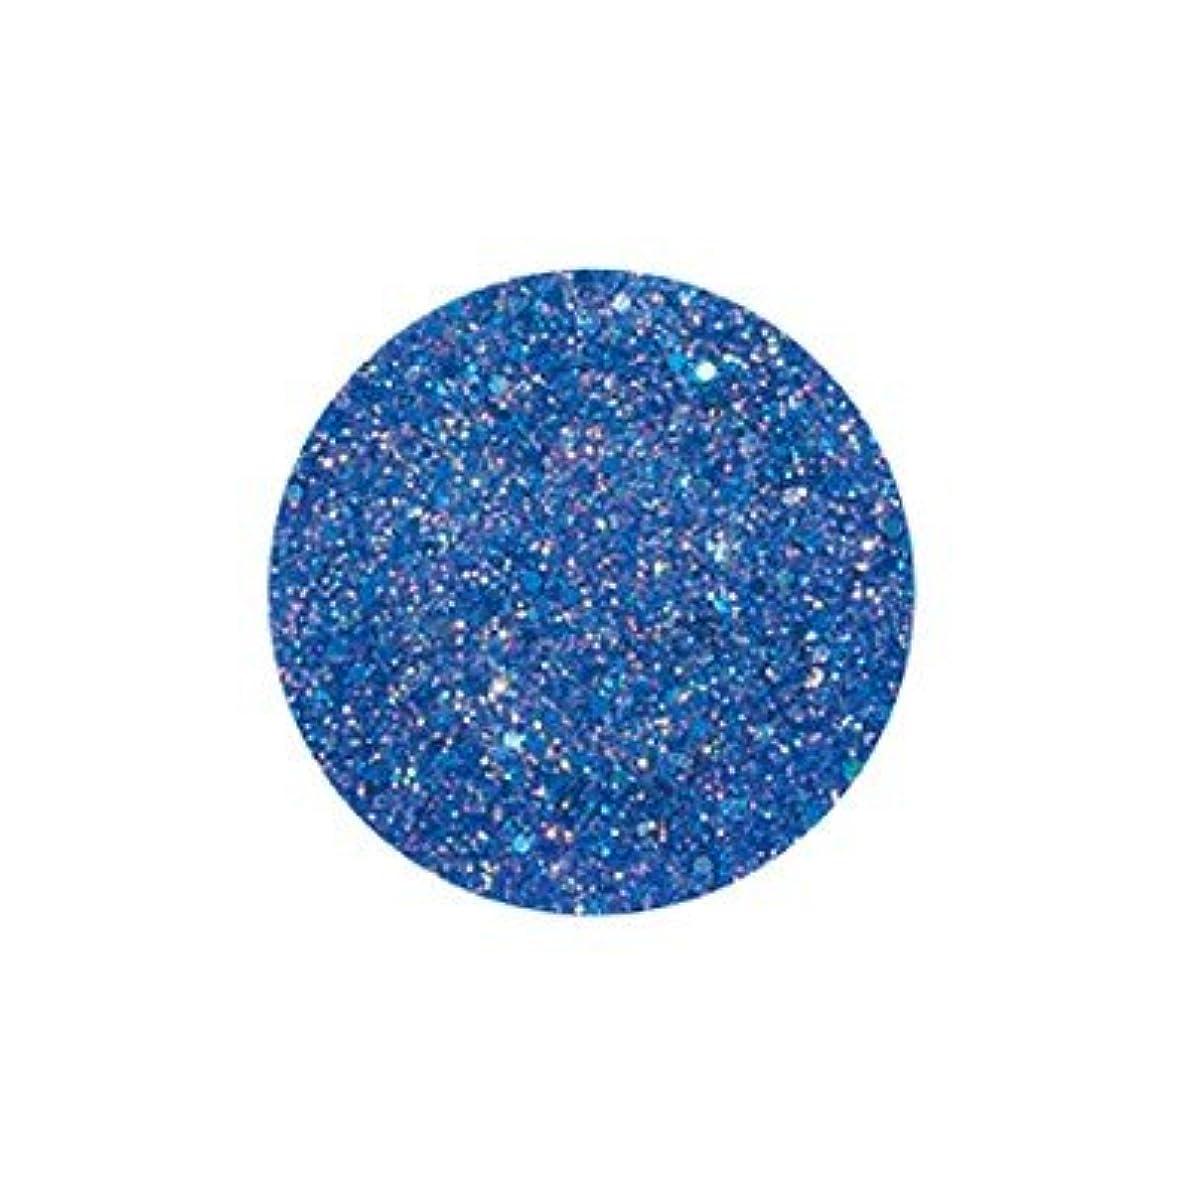 神秘的な周術期食物FANTASY NAIL ダイヤモンドコレクション 3g 4263XS カラーパウダー アート材